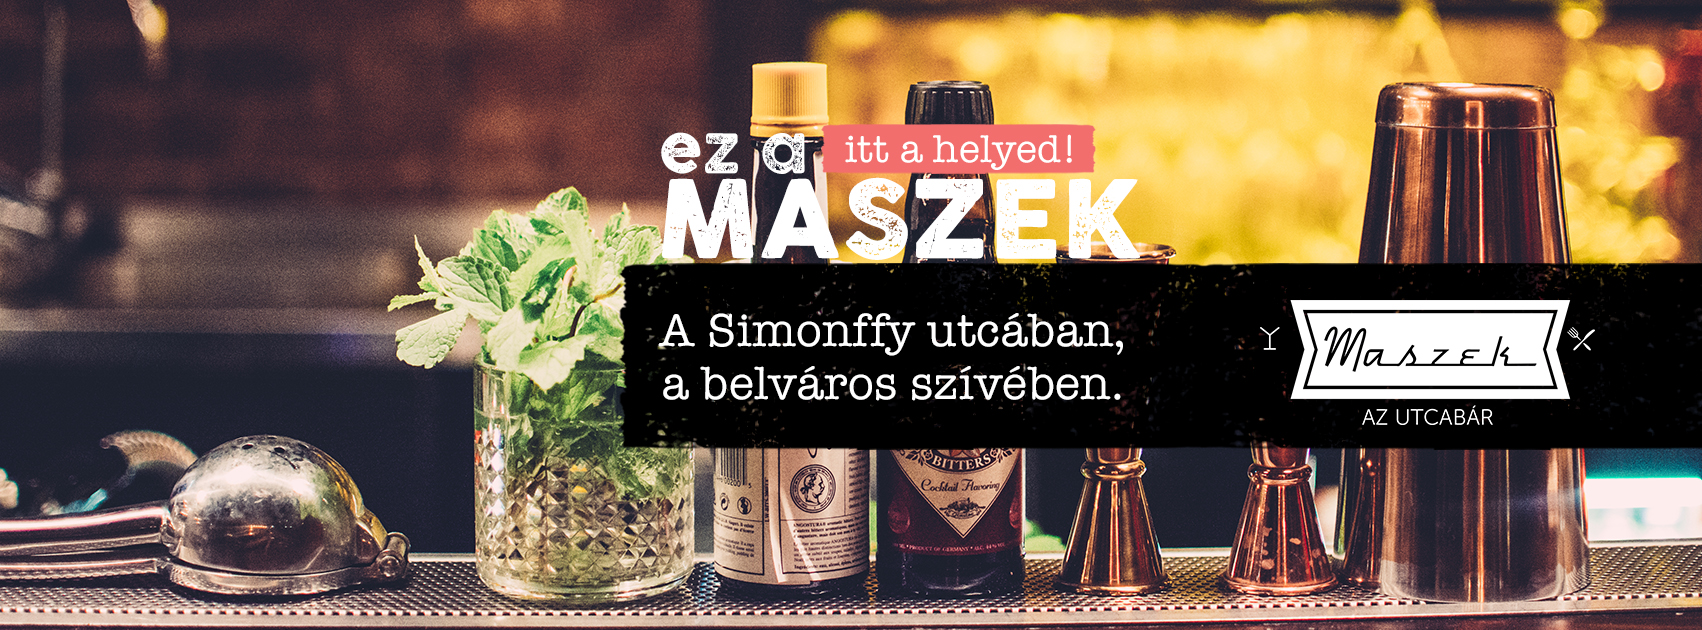 0118_maszek_altalanos_cover_3.JPG